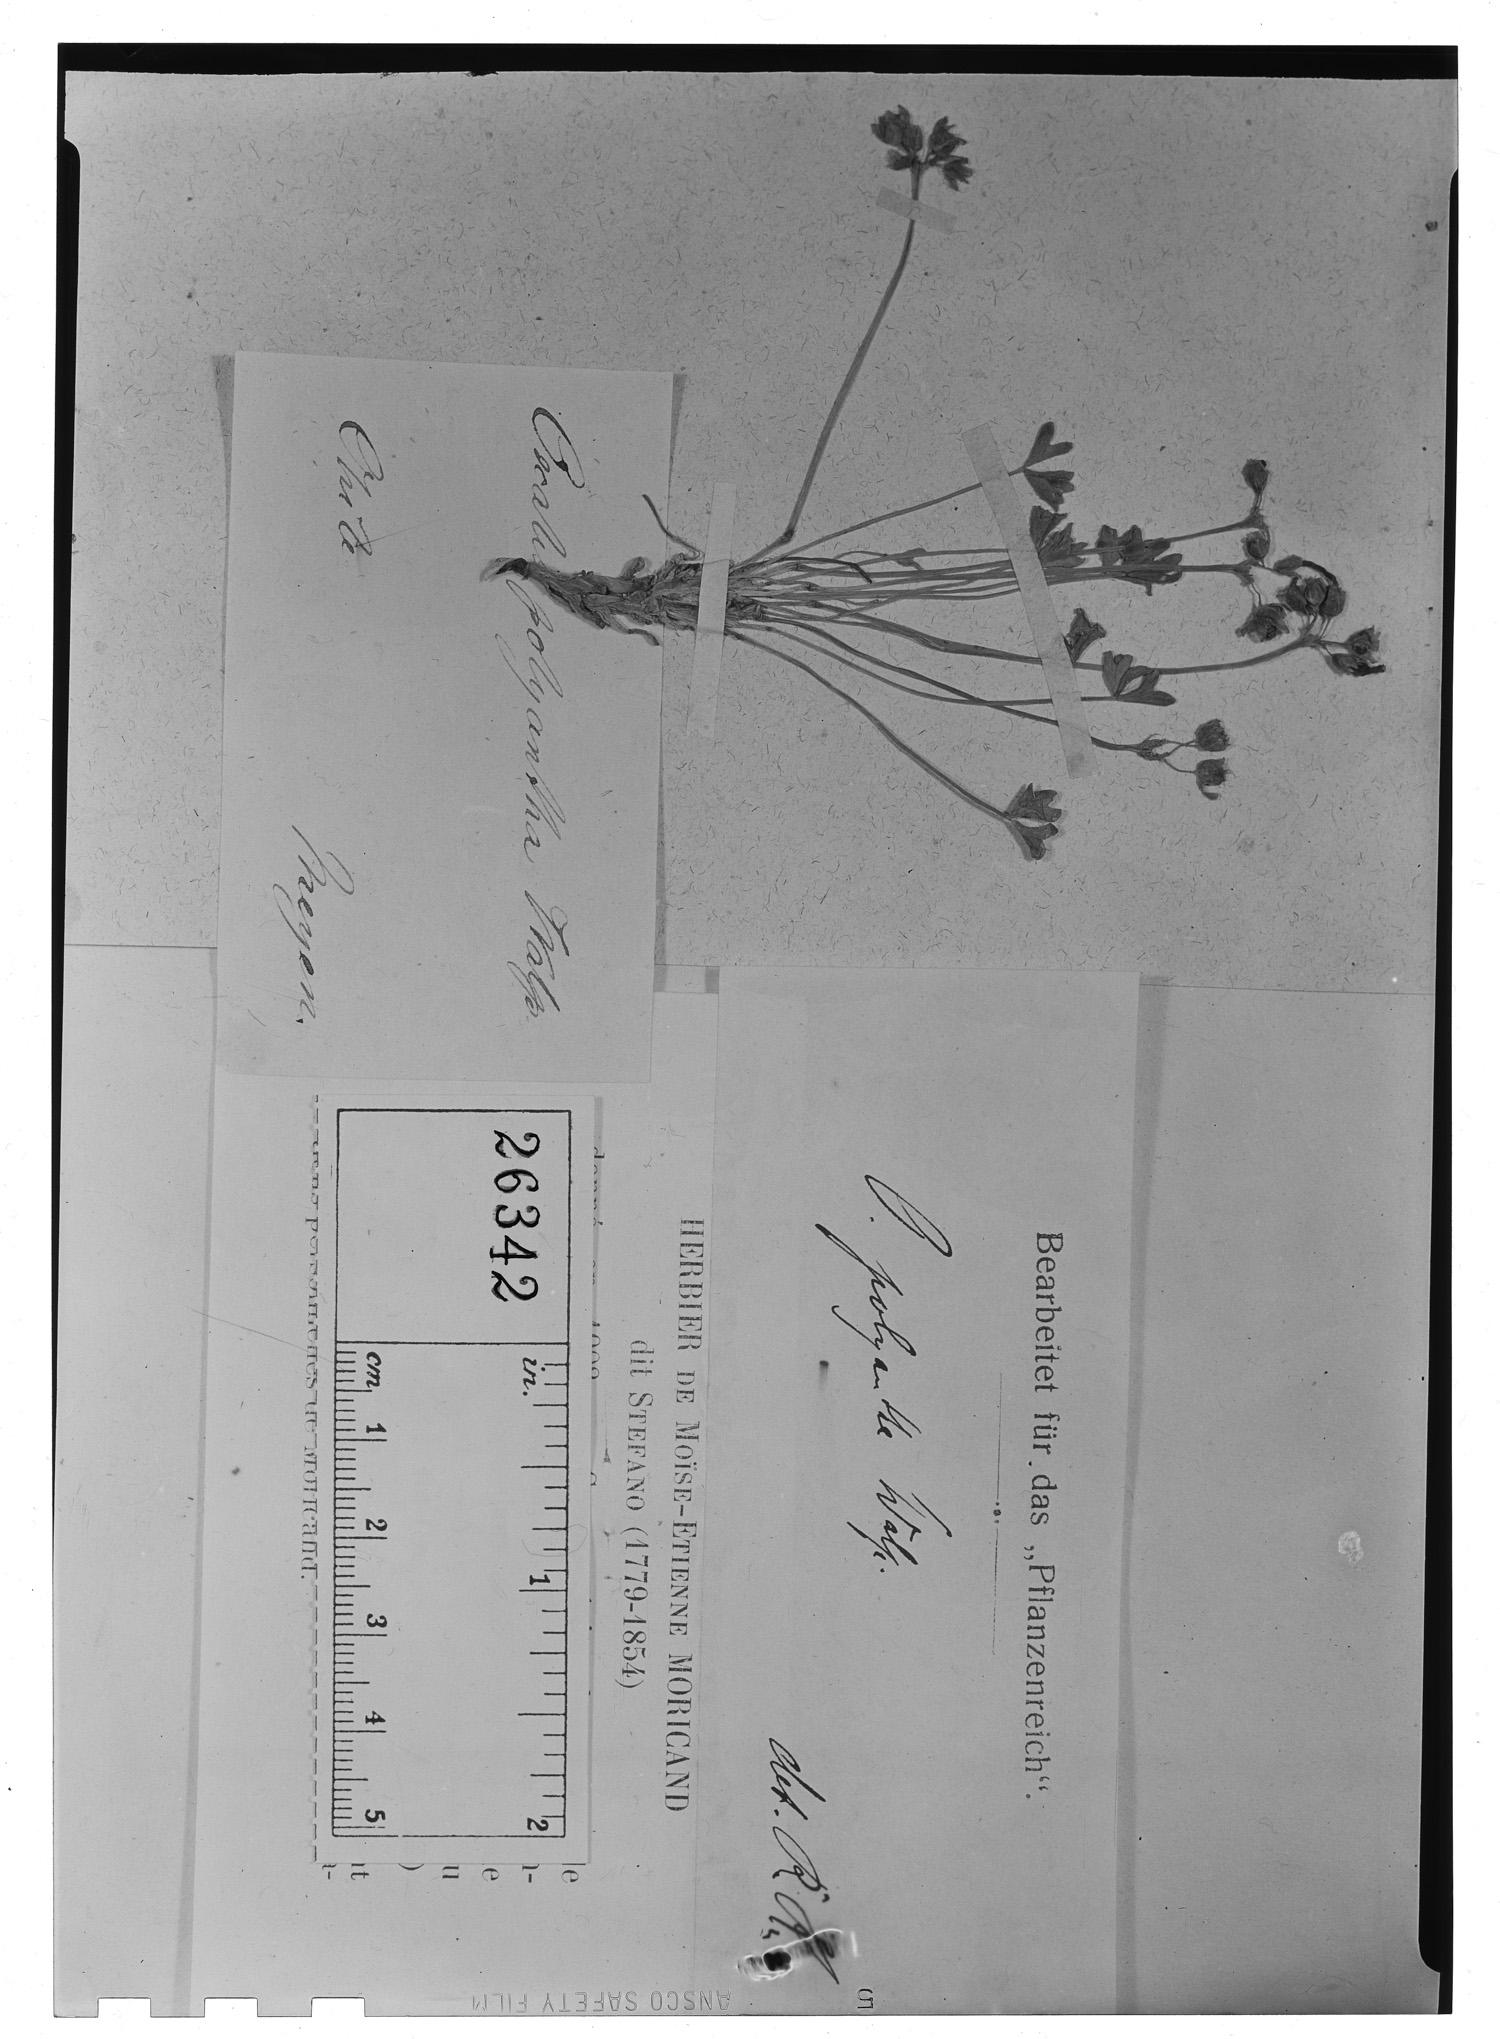 Oxalis polyantha image